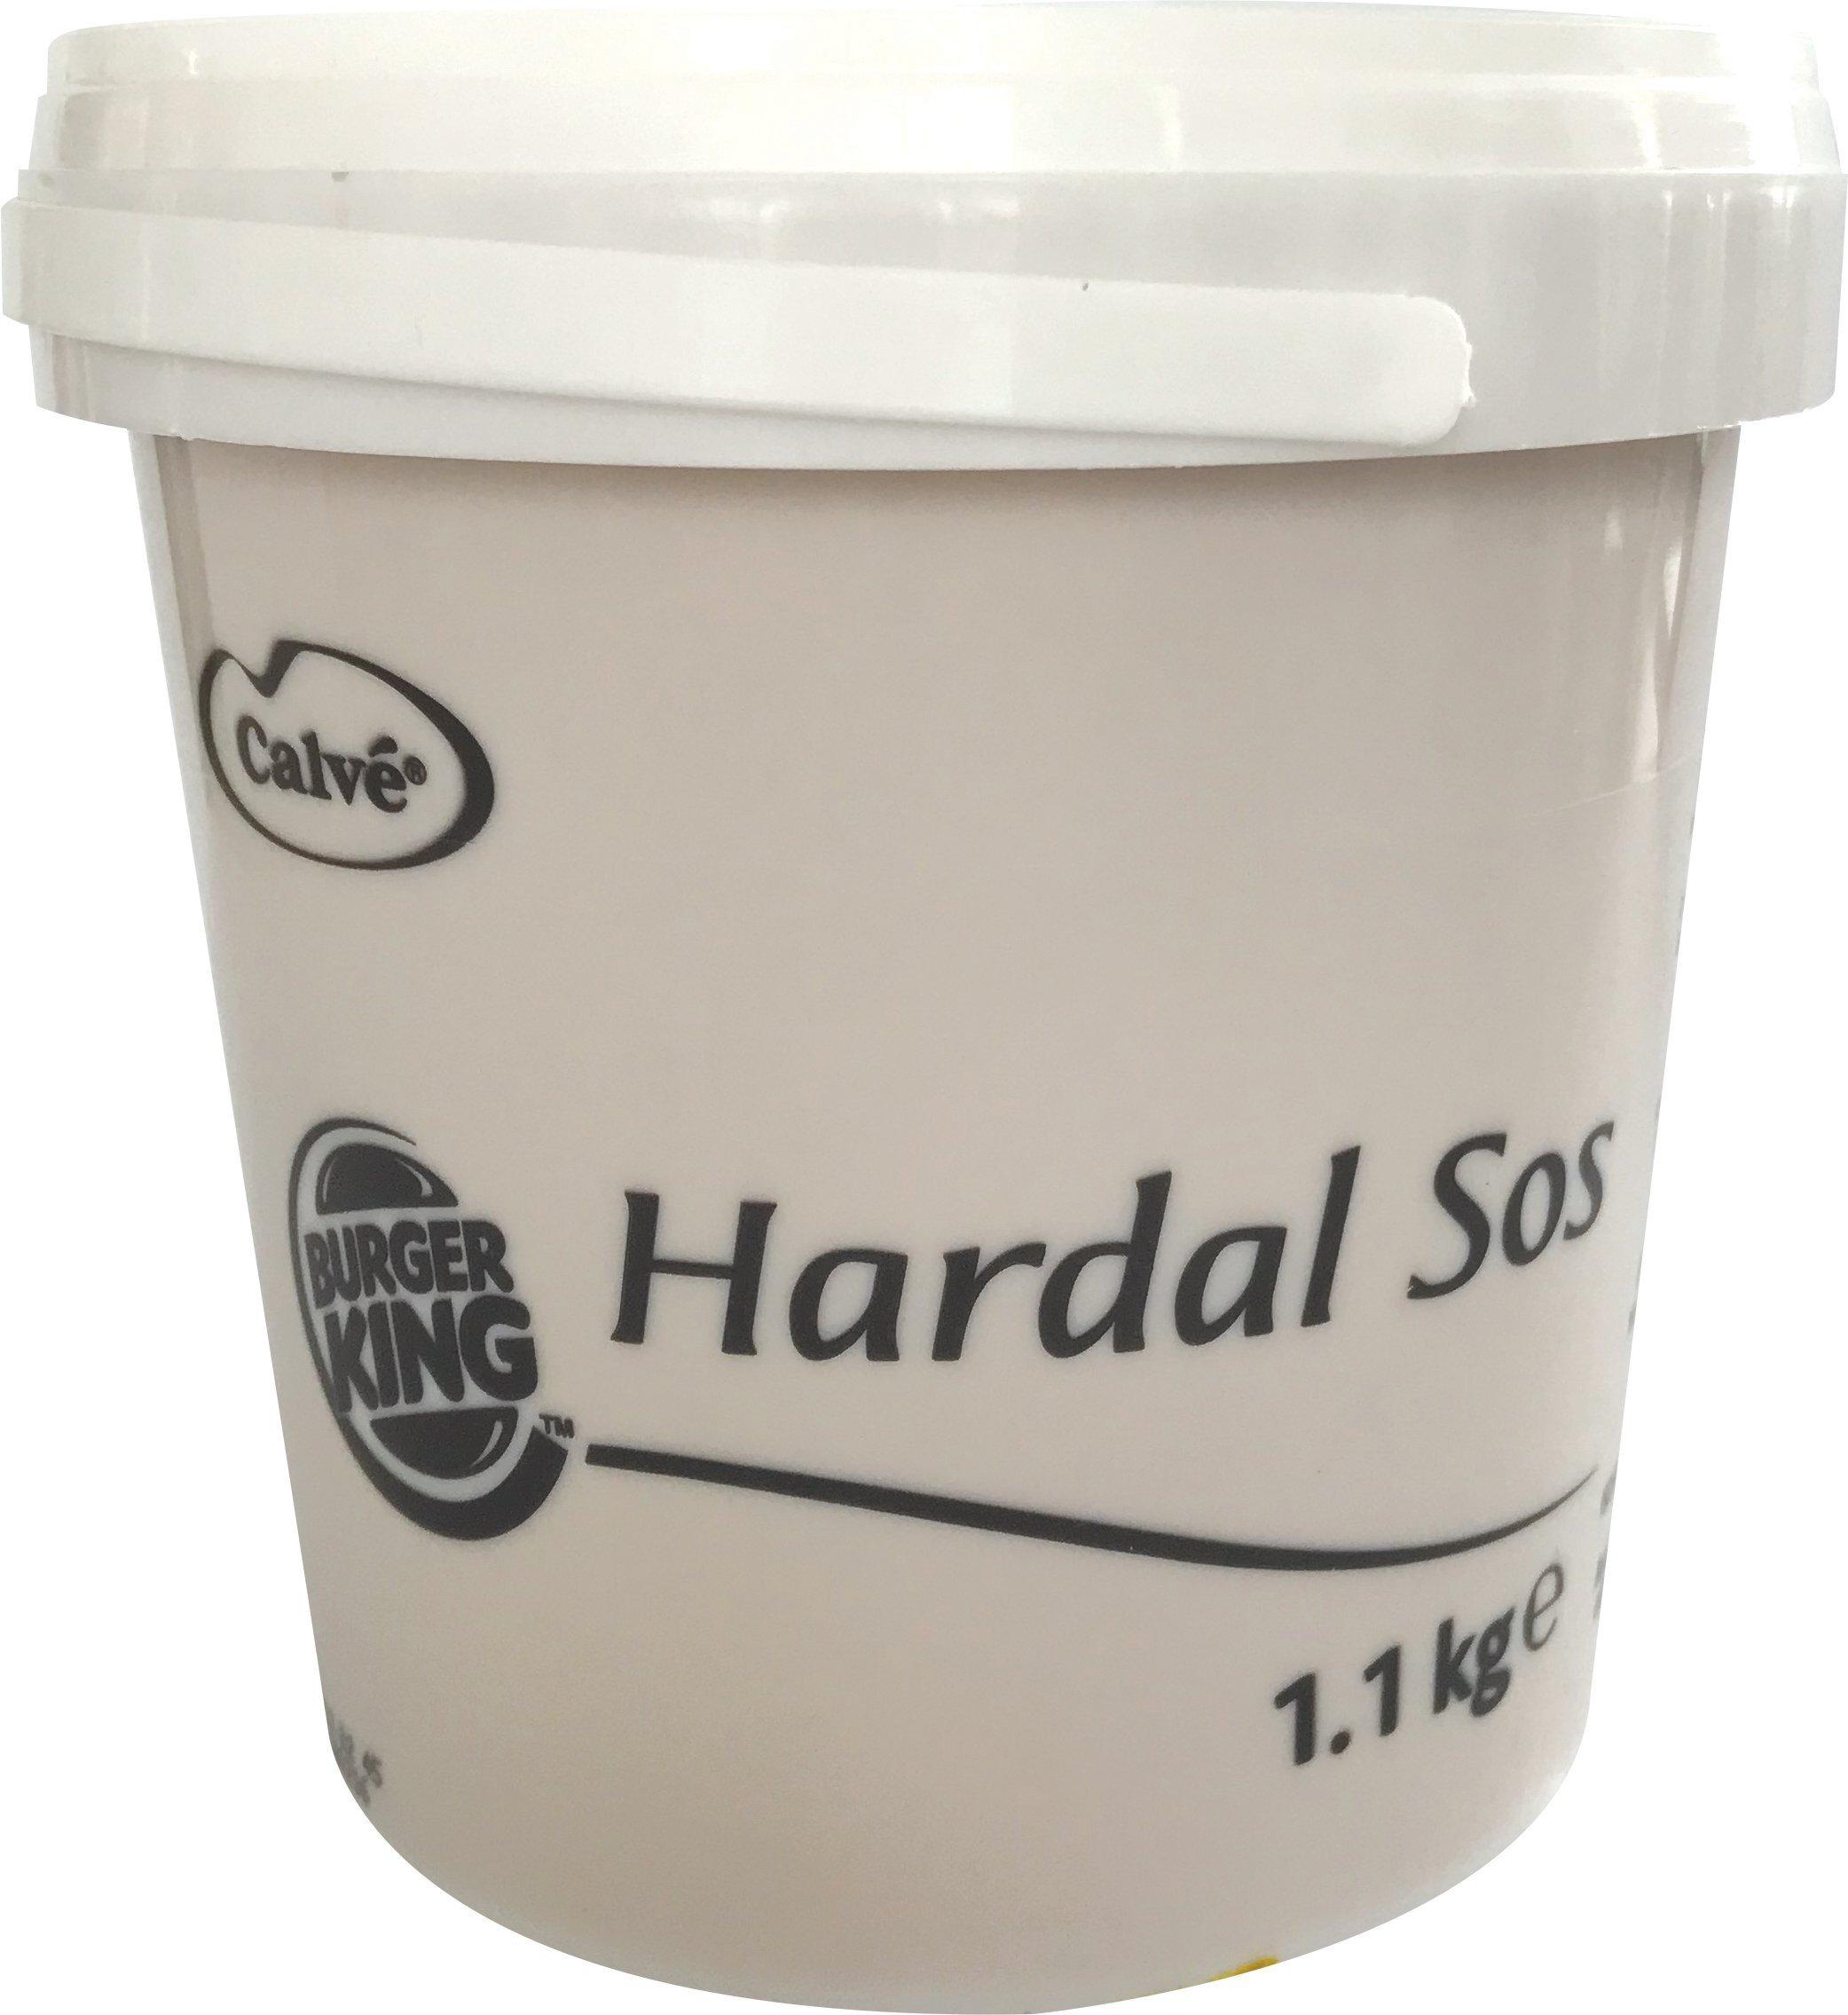 Burger King Hardal Sos 1,1 Kg